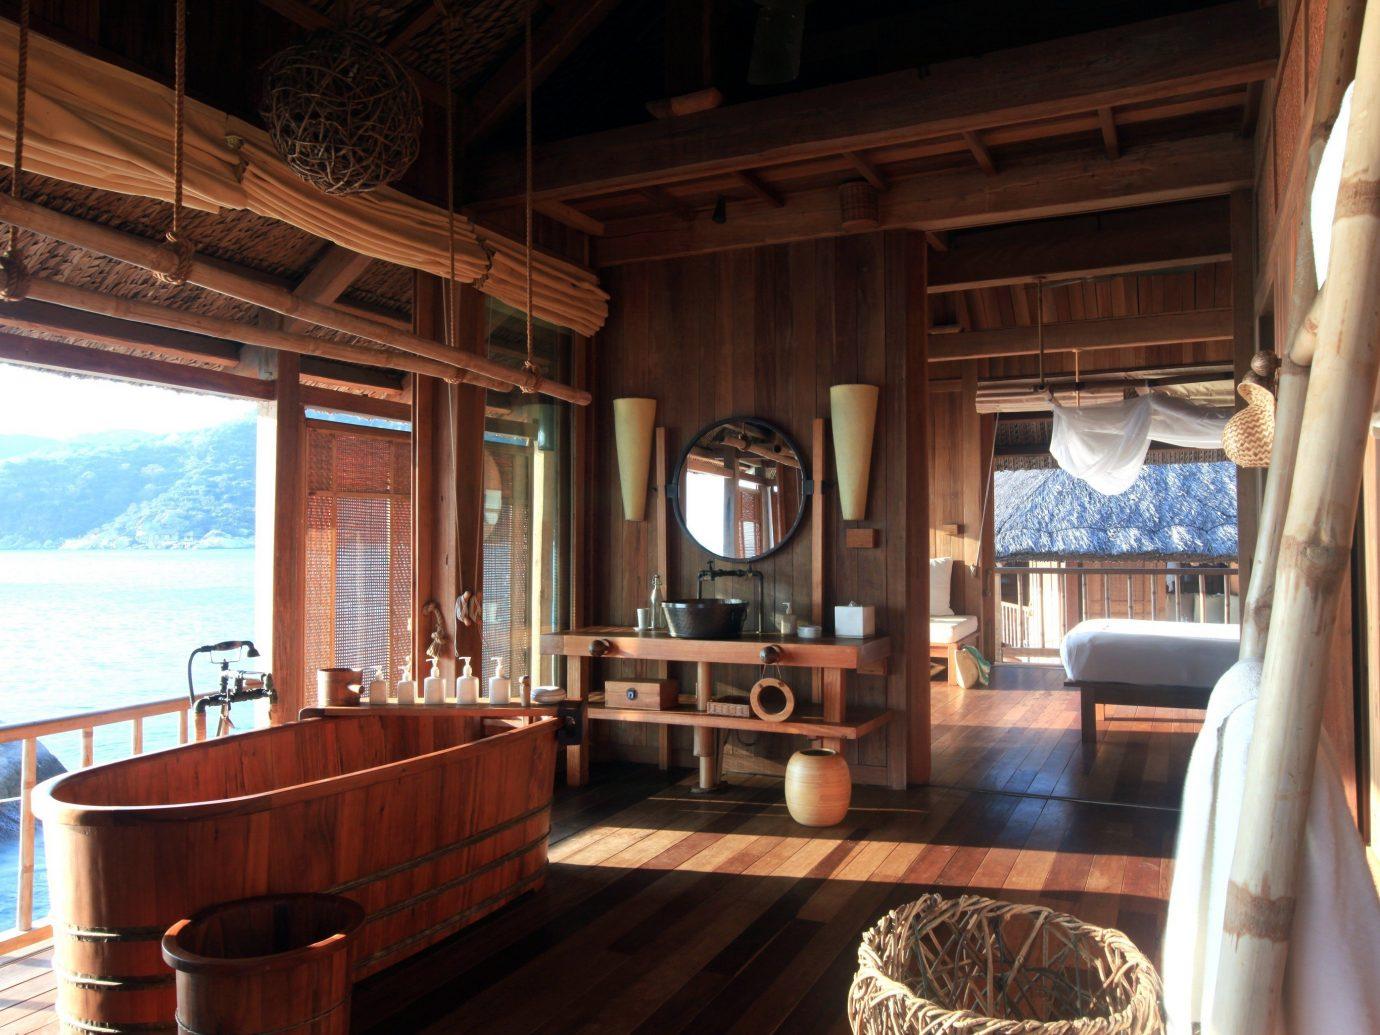 Travel Tips indoor window property room estate house ceiling home cottage interior design Resort log cabin Villa real estate farmhouse mansion wood furniture